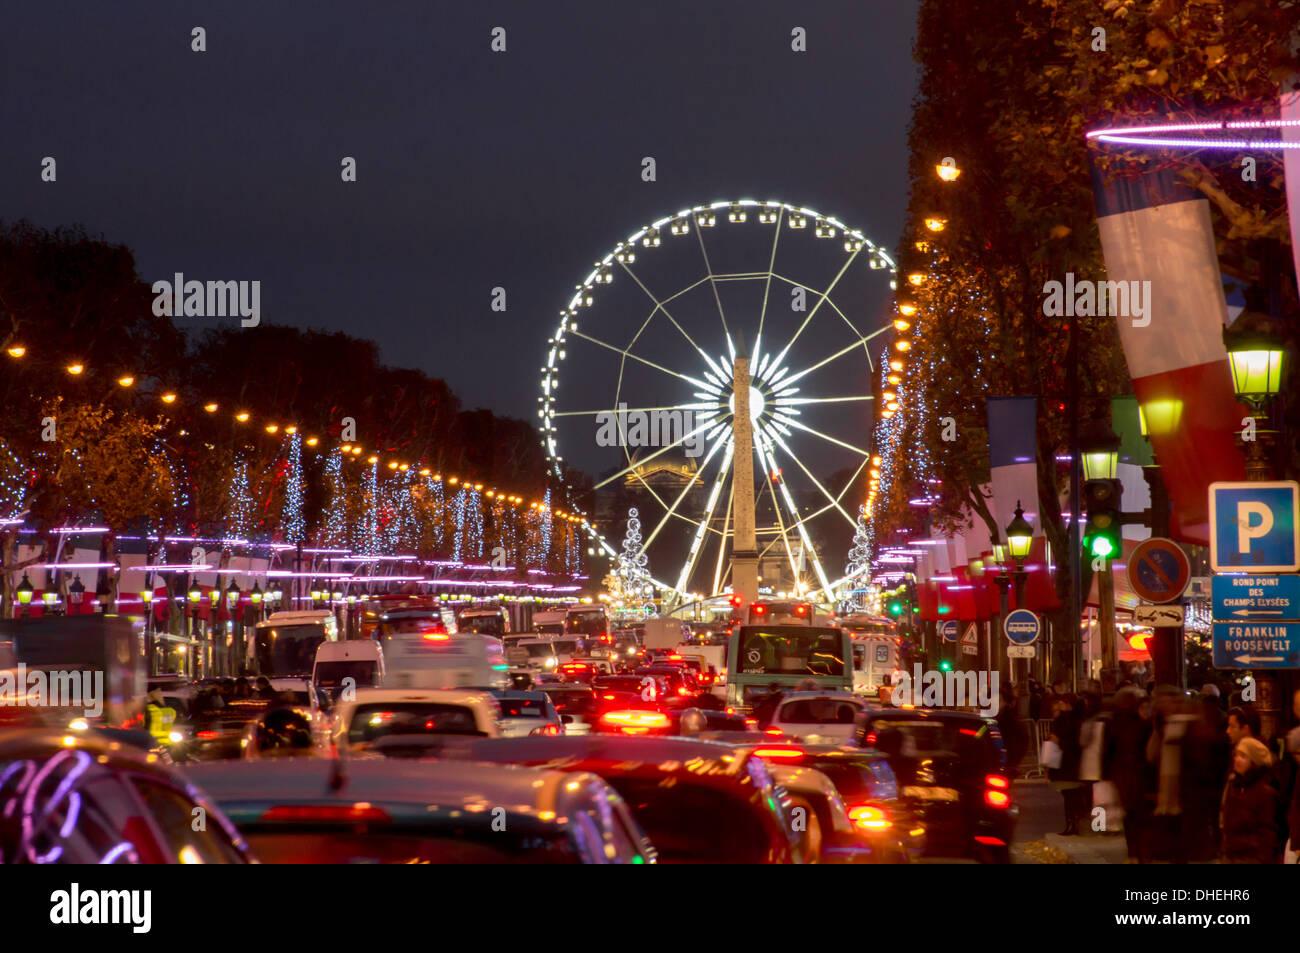 Roue de Paris and Champs Elysees at dusk, Paris, France, Europe - Stock Image